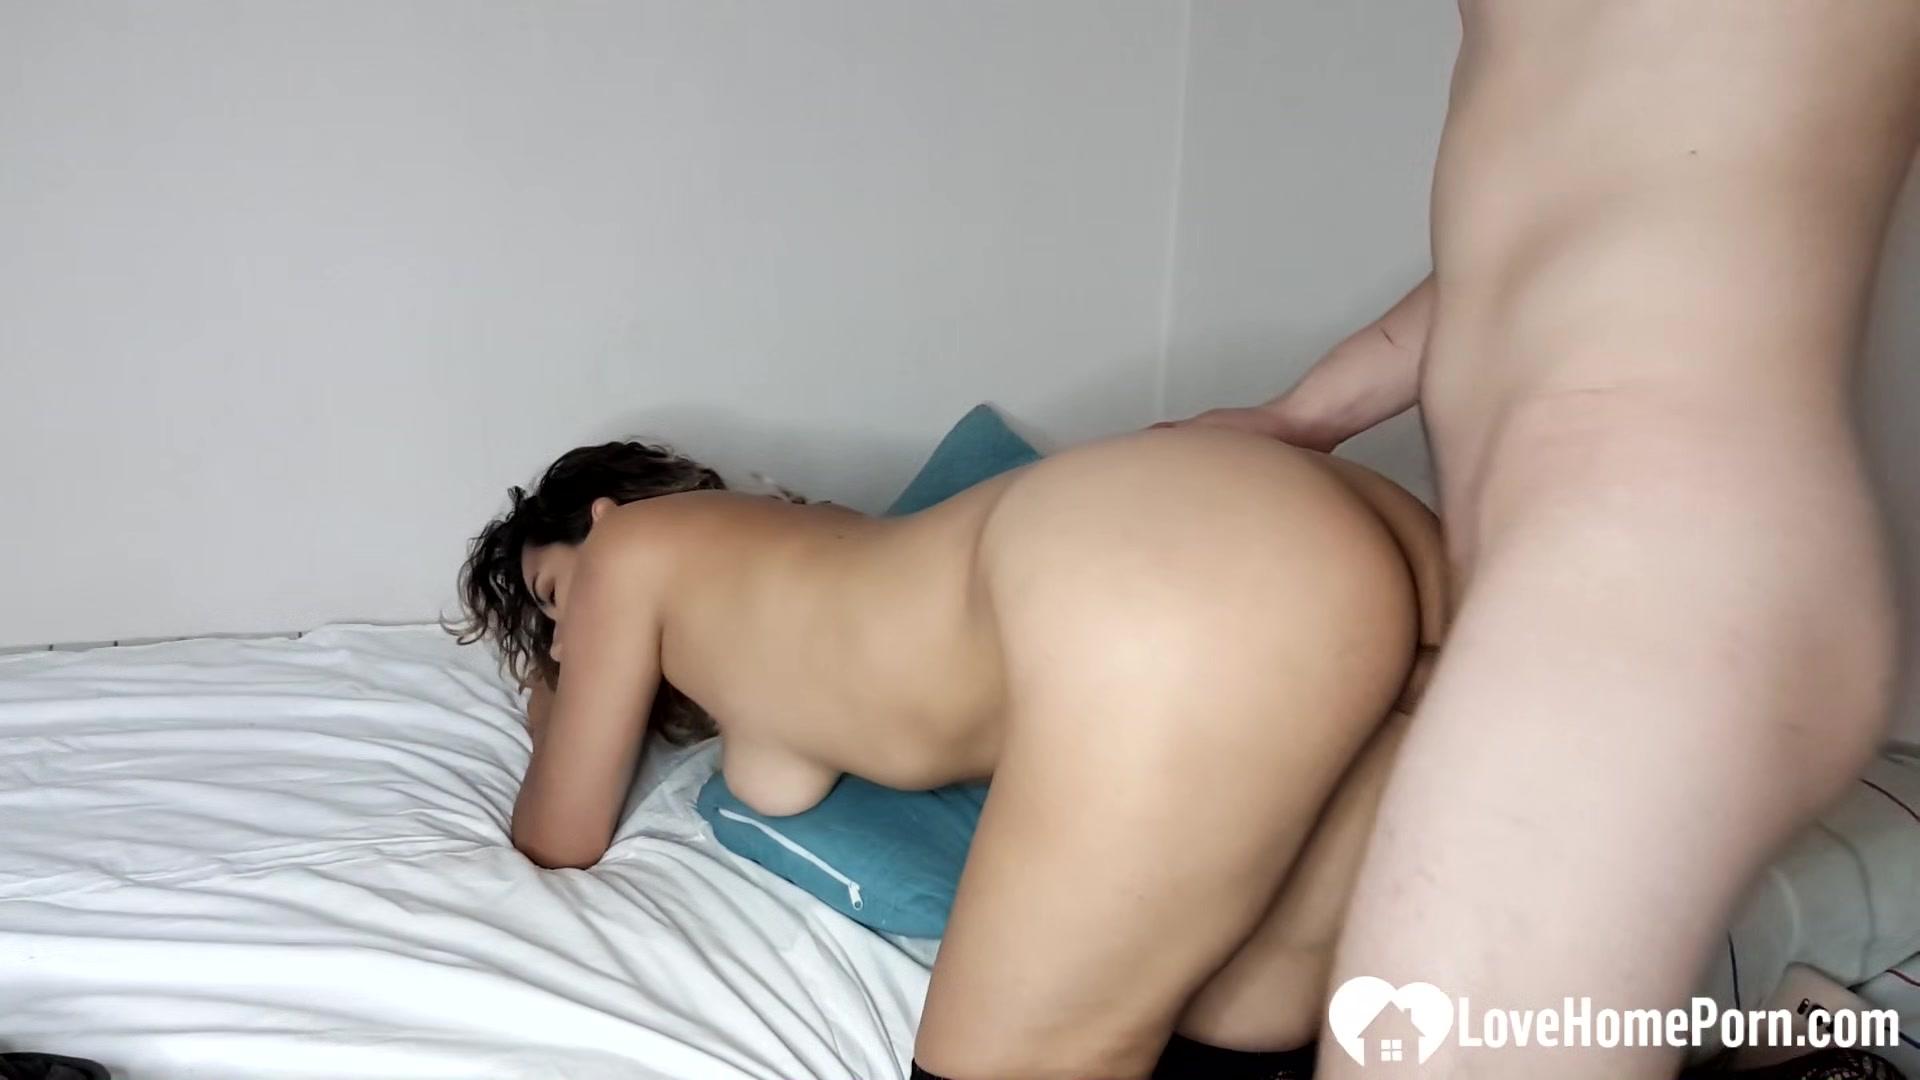 Internet dating kostenloses online dating erwachsenen kontaktanzeigen und